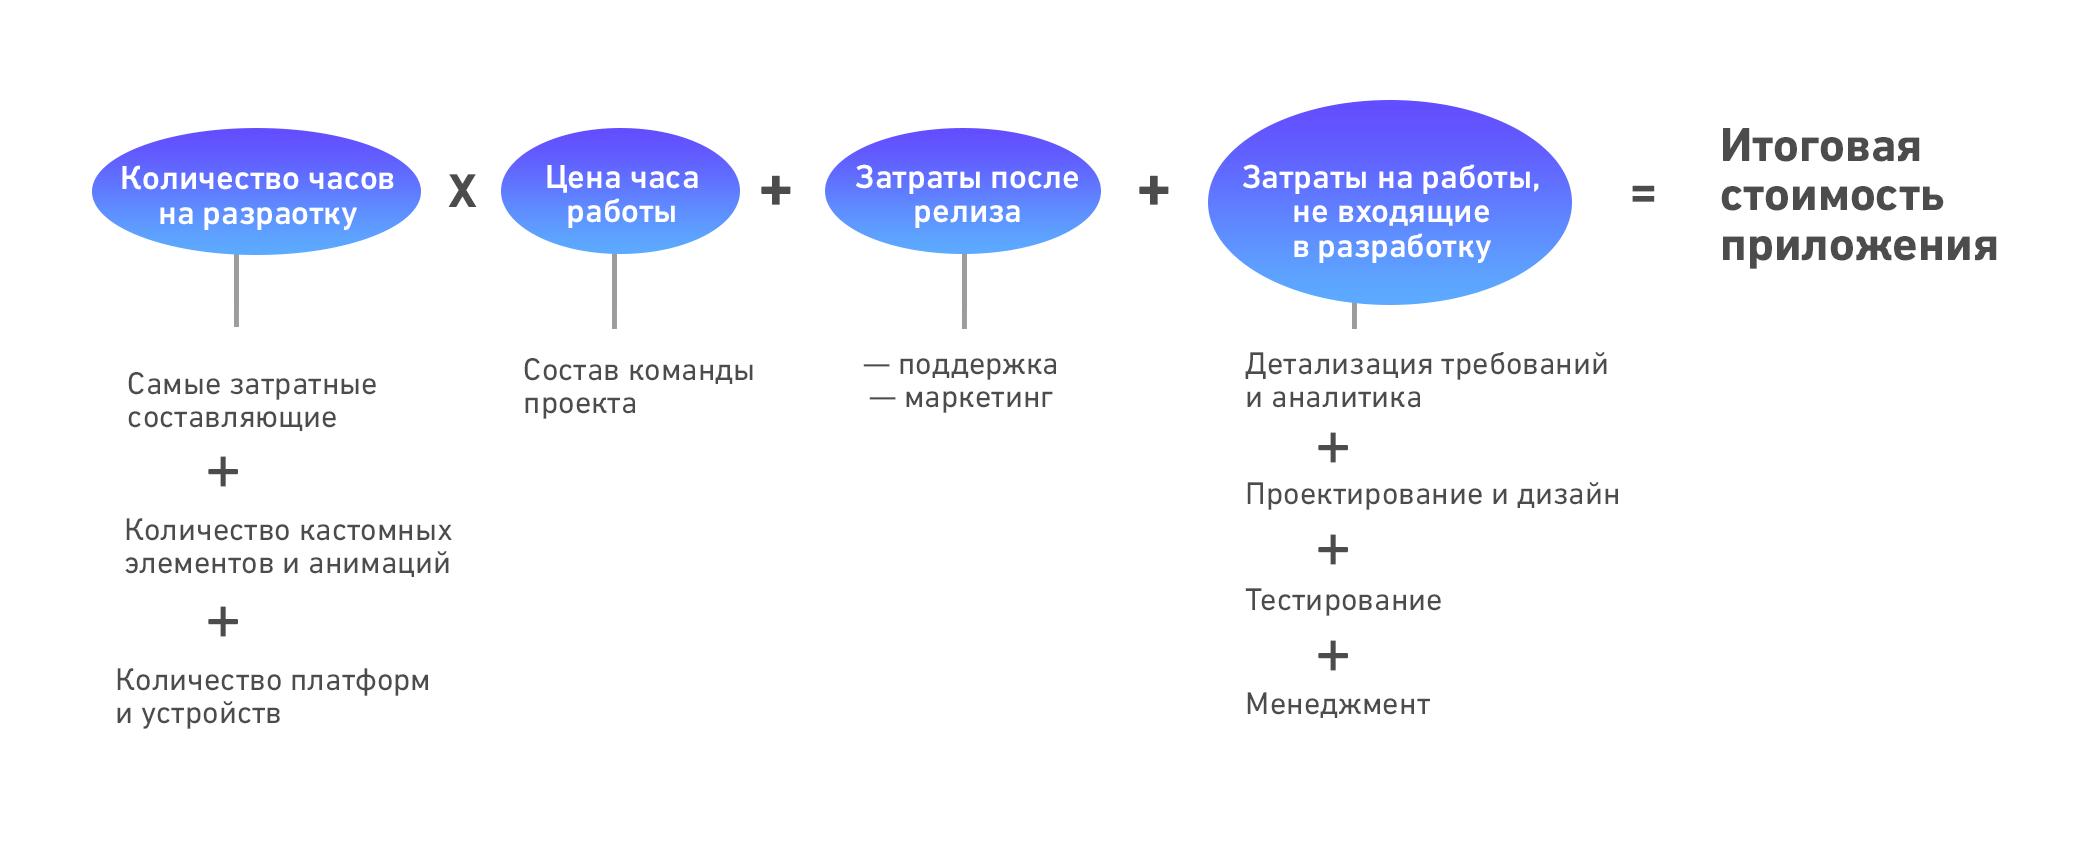 Схема, показывающая, из чего складывается стоимость